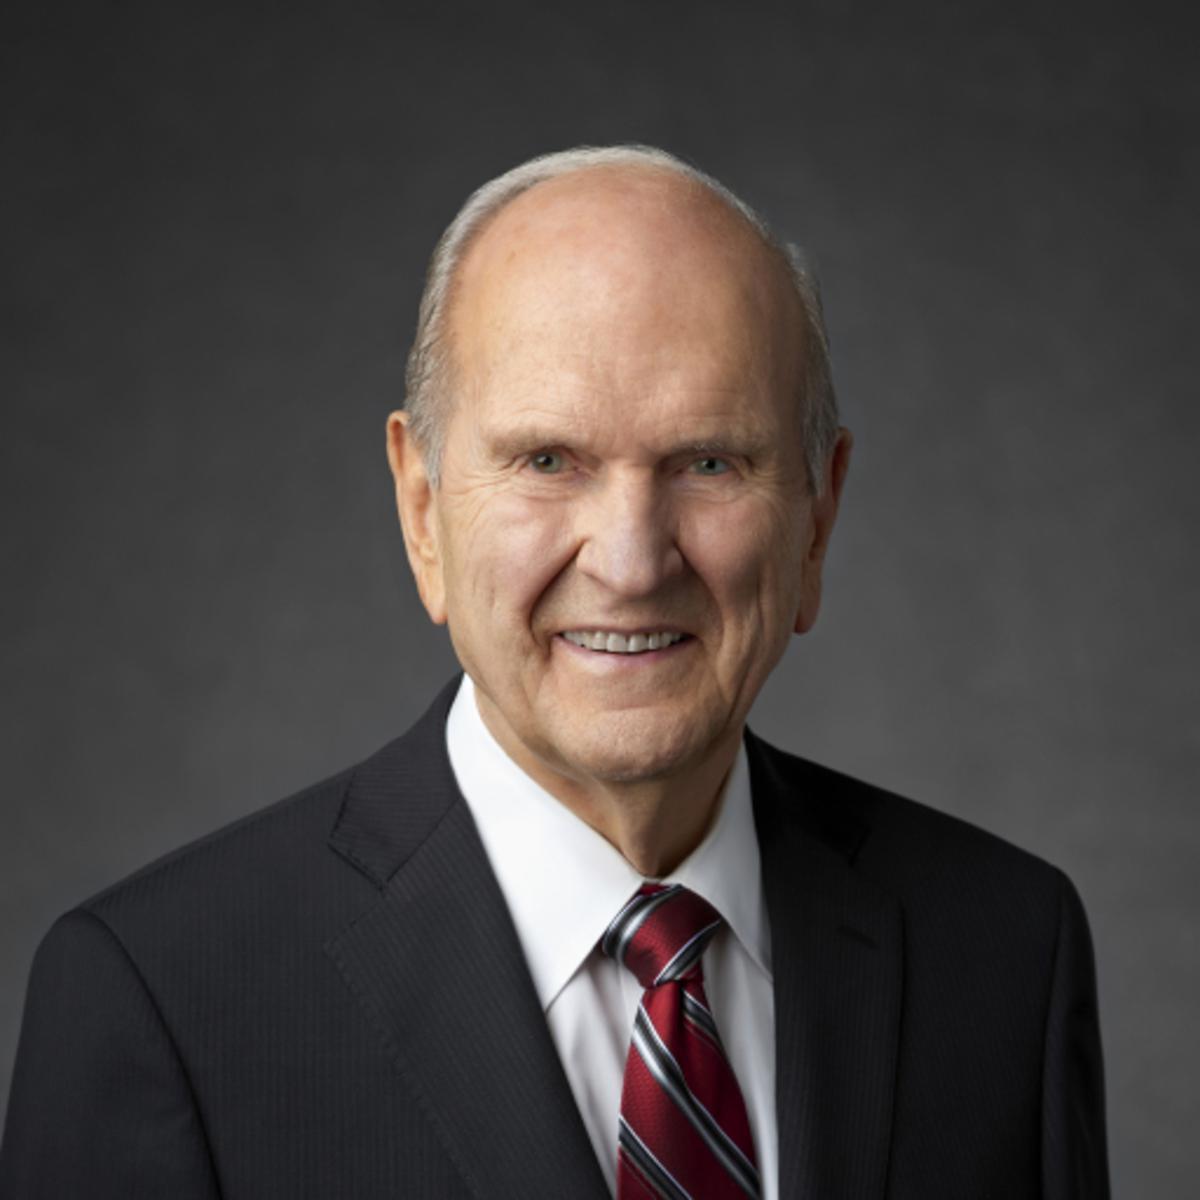 Πρόεδρος Νέλσον